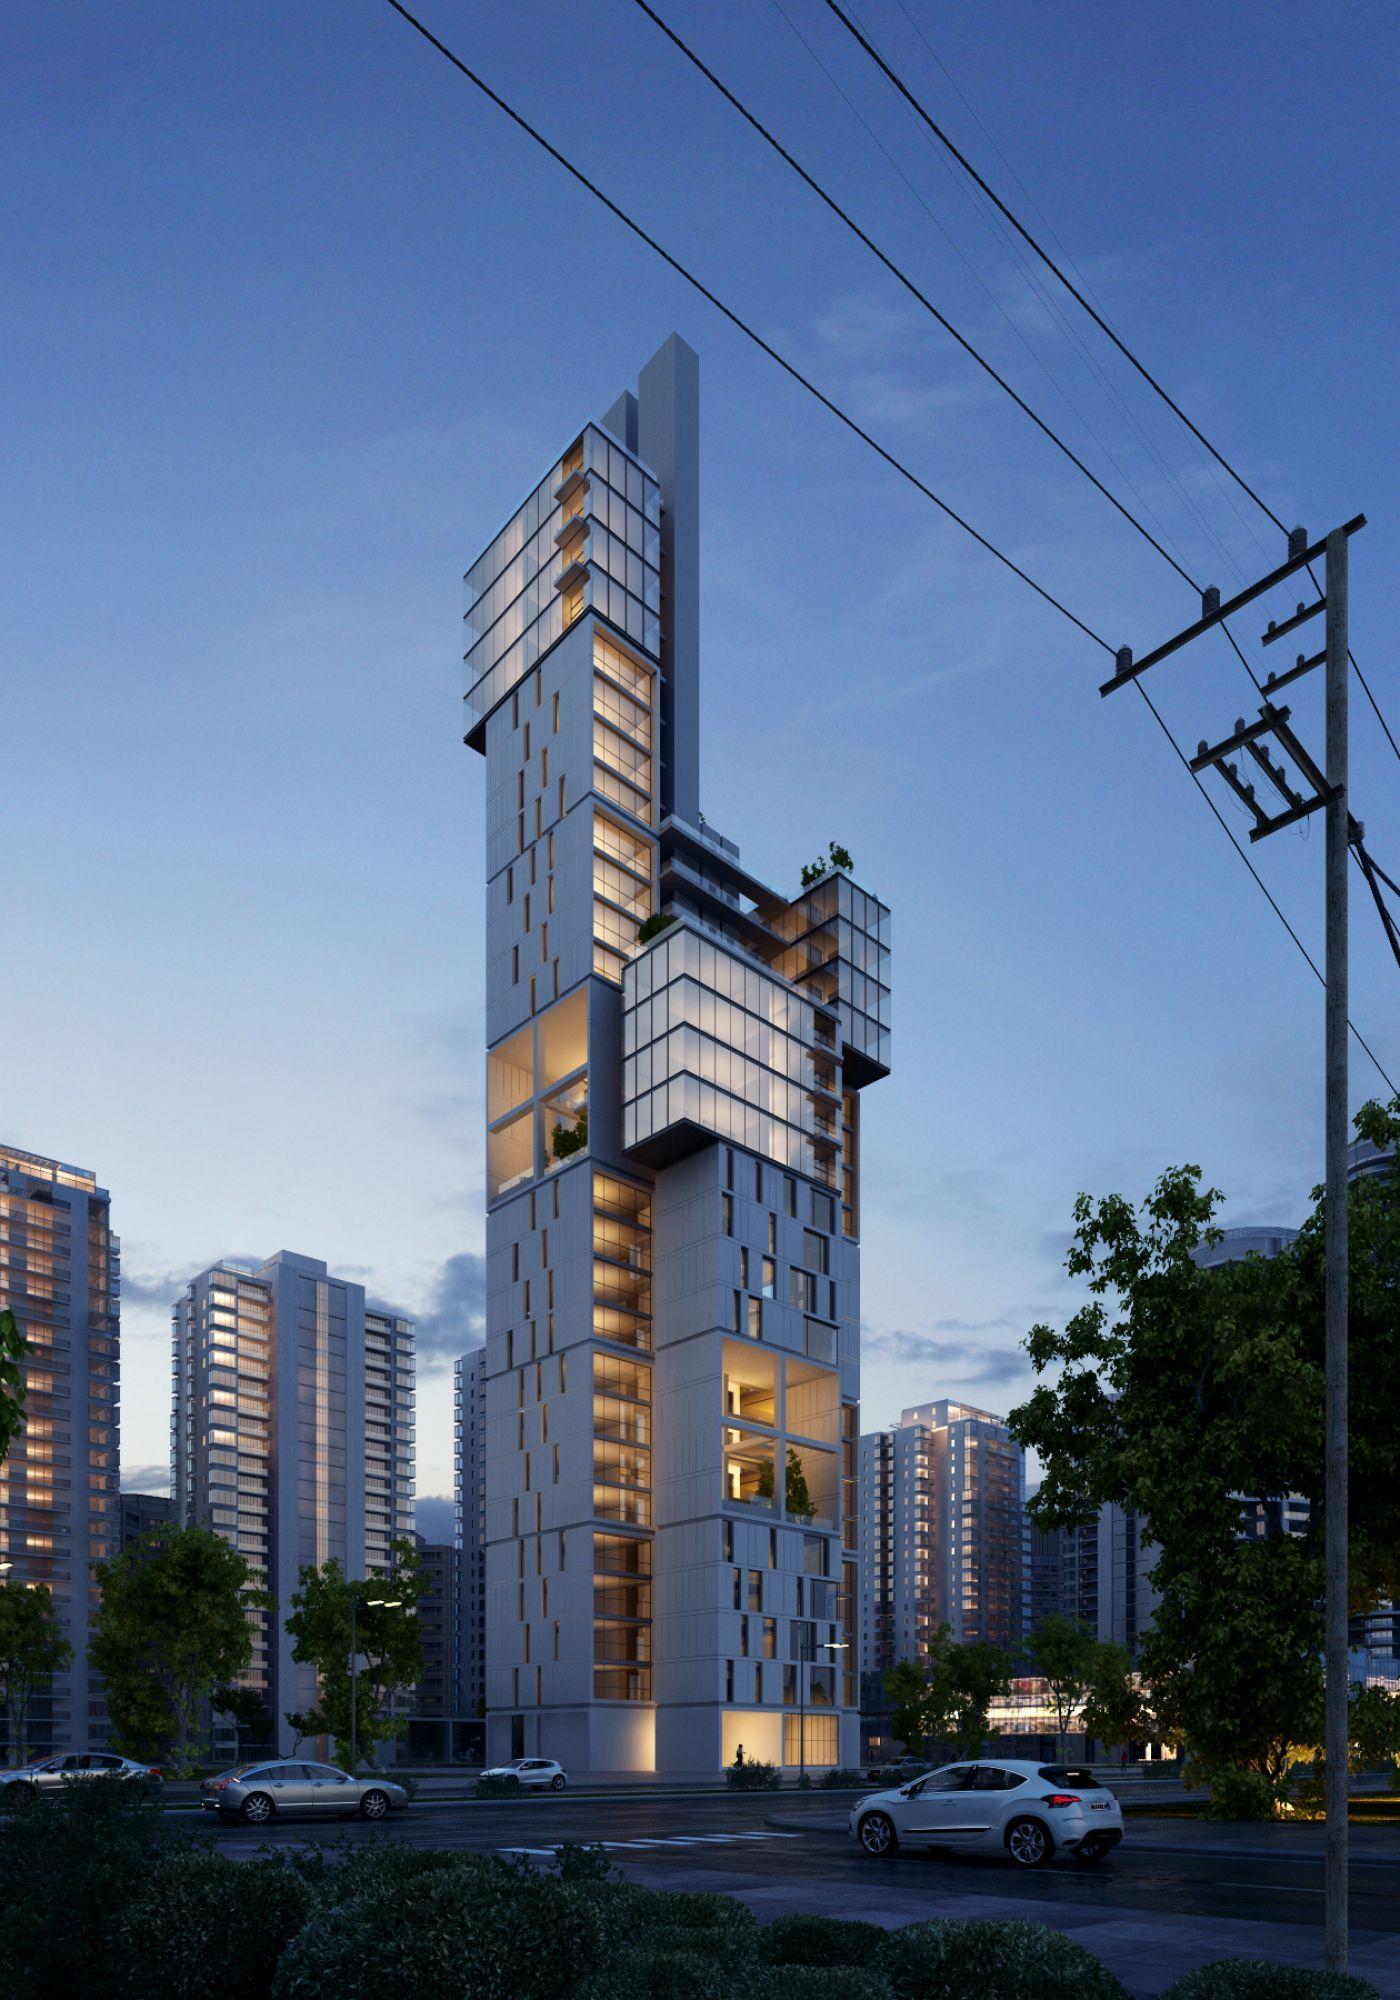 100 Future Architecture Gallery V.1   Free Cad Blocks ...